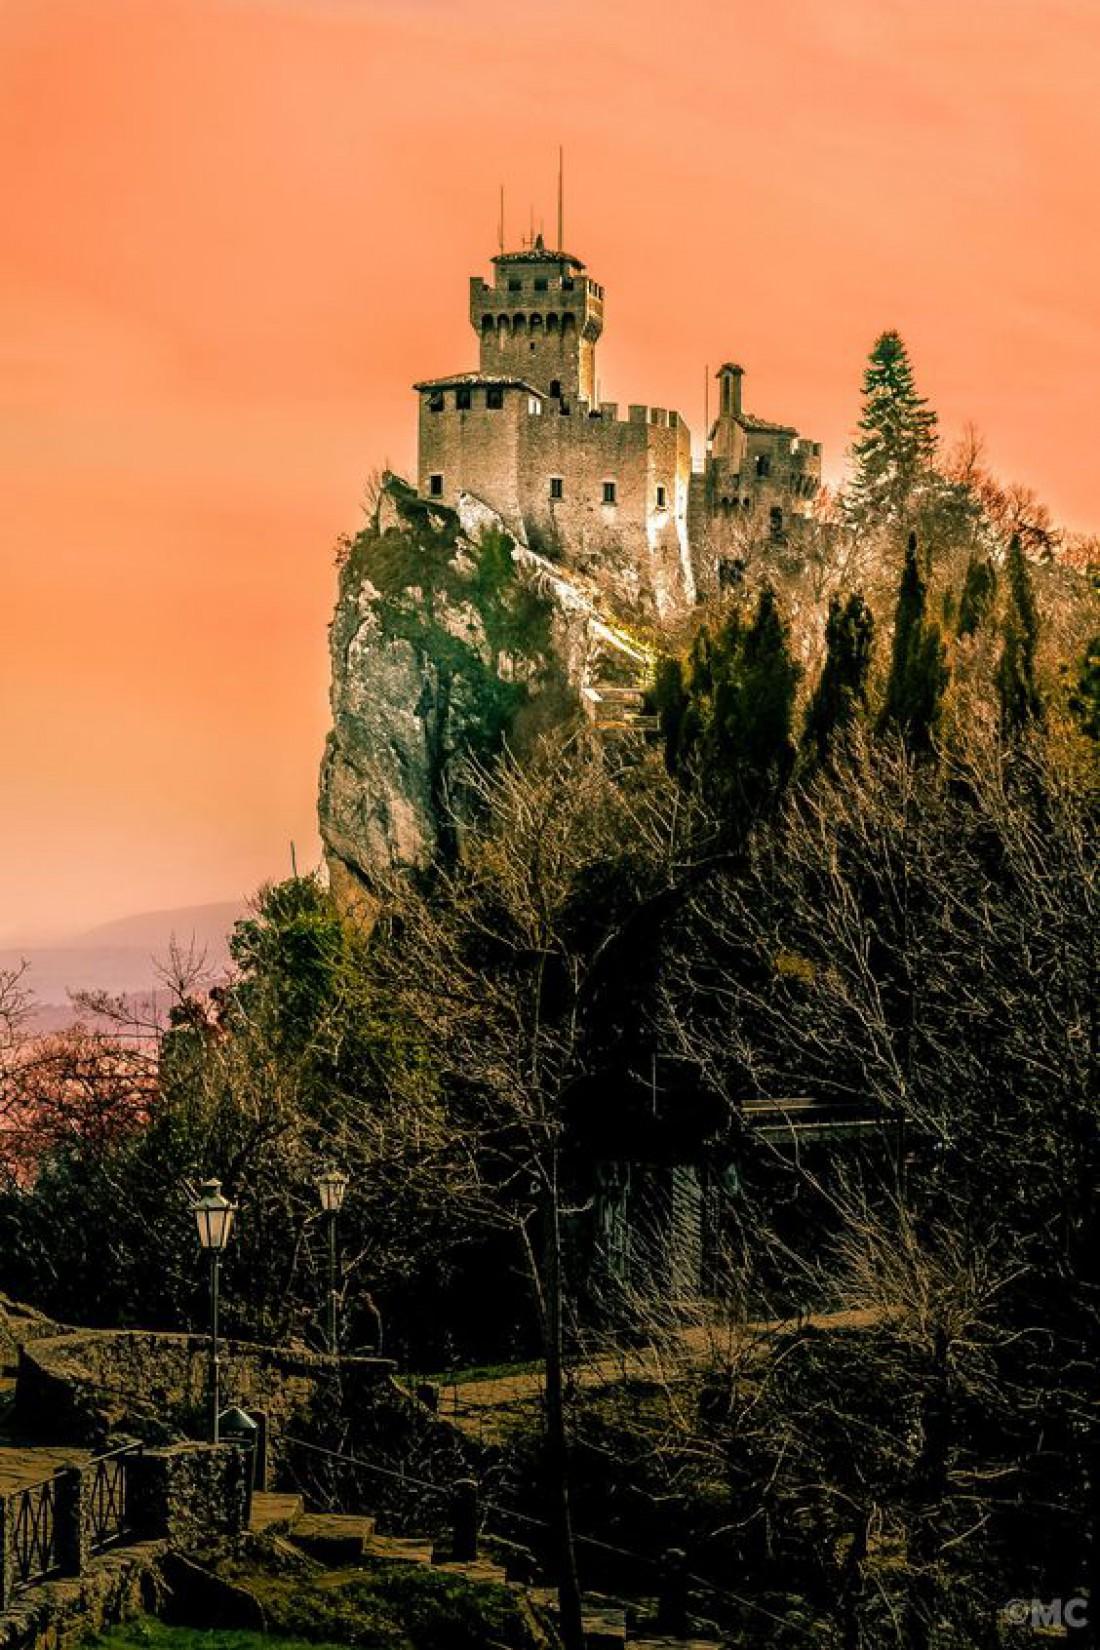 Башня Честа - одна из трех башен-символов Сан-Марино